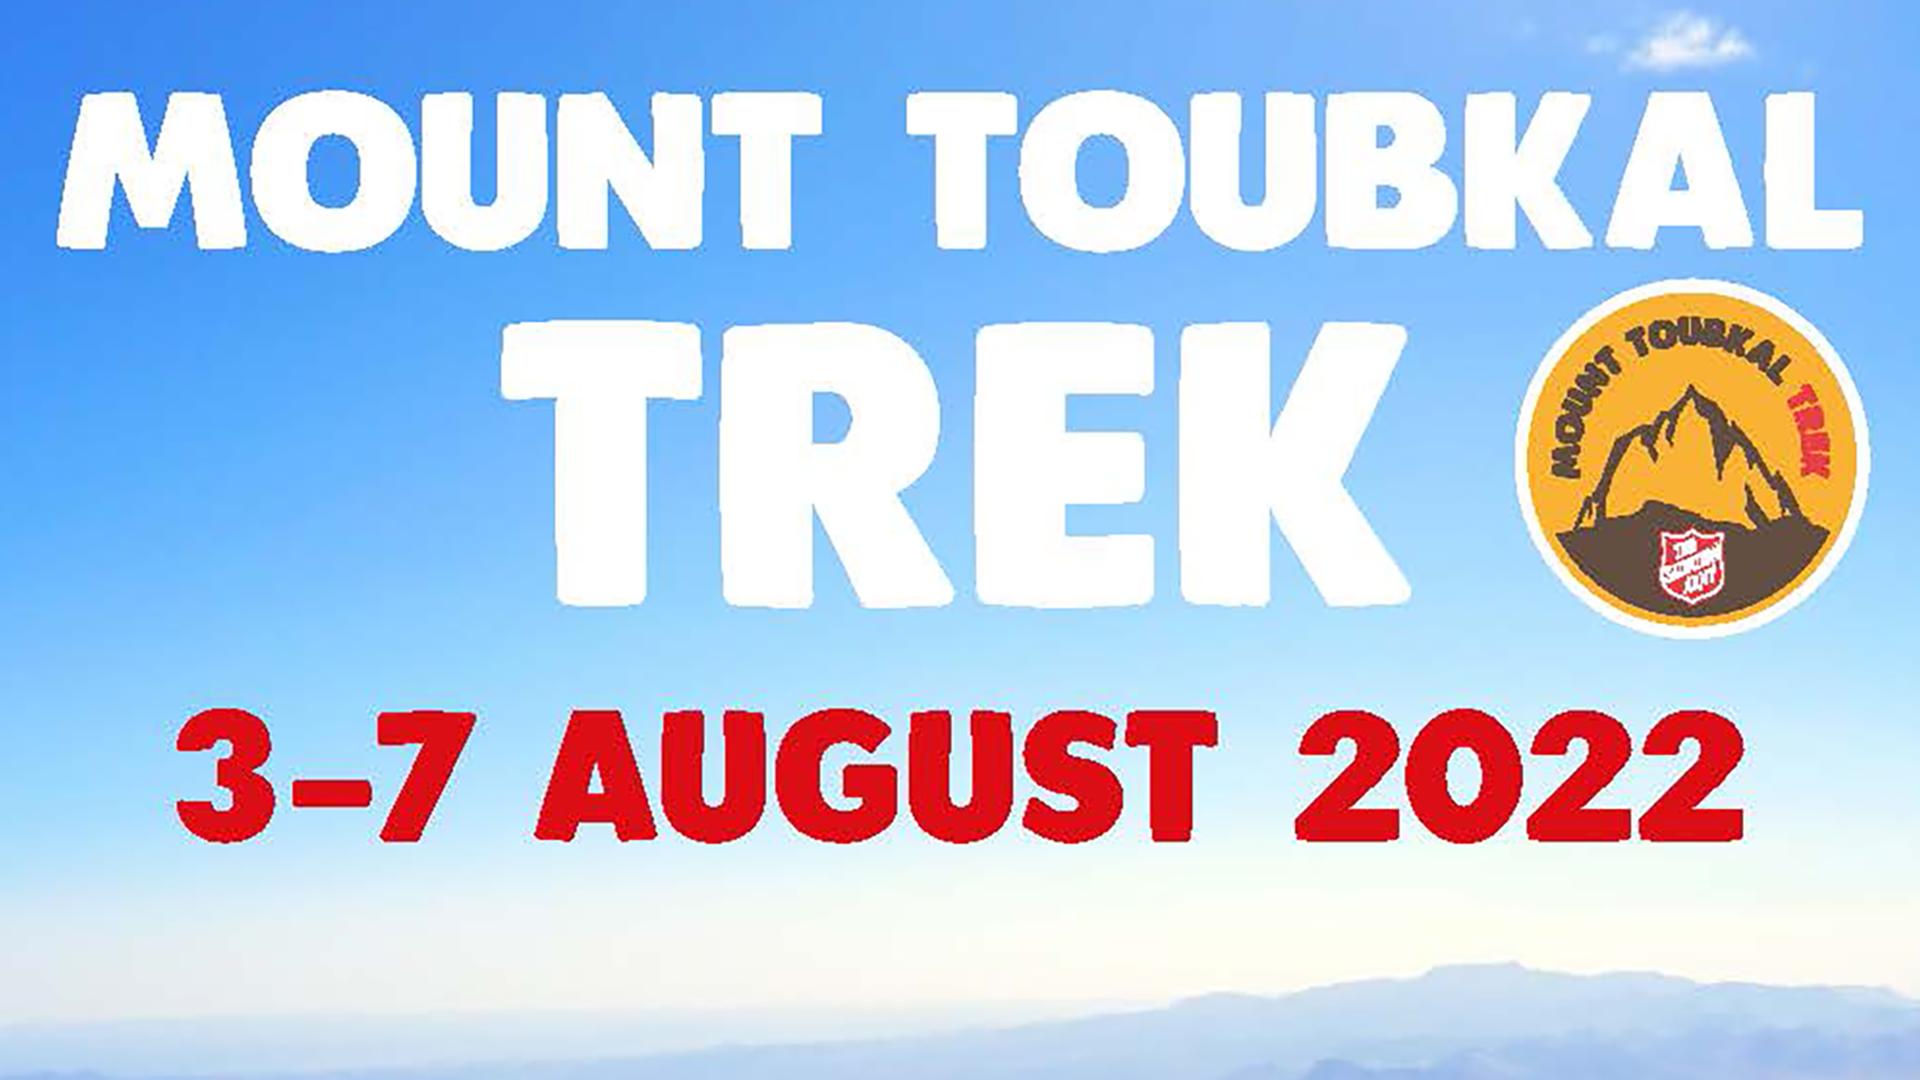 Mount Toubkal Trek 2022